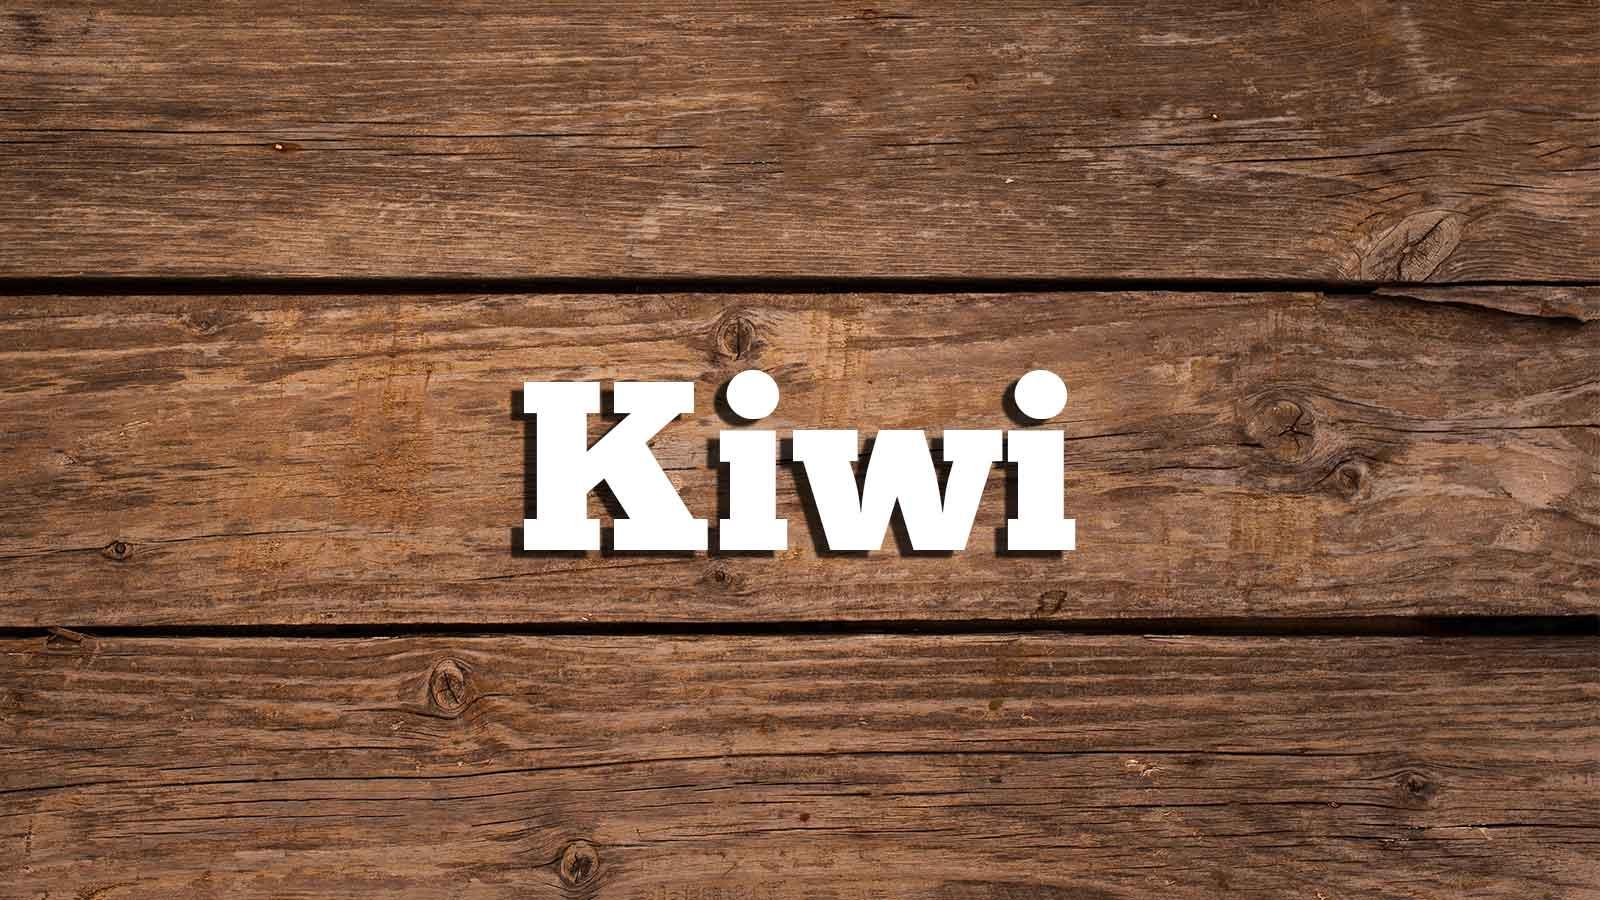 Image for Kiwi